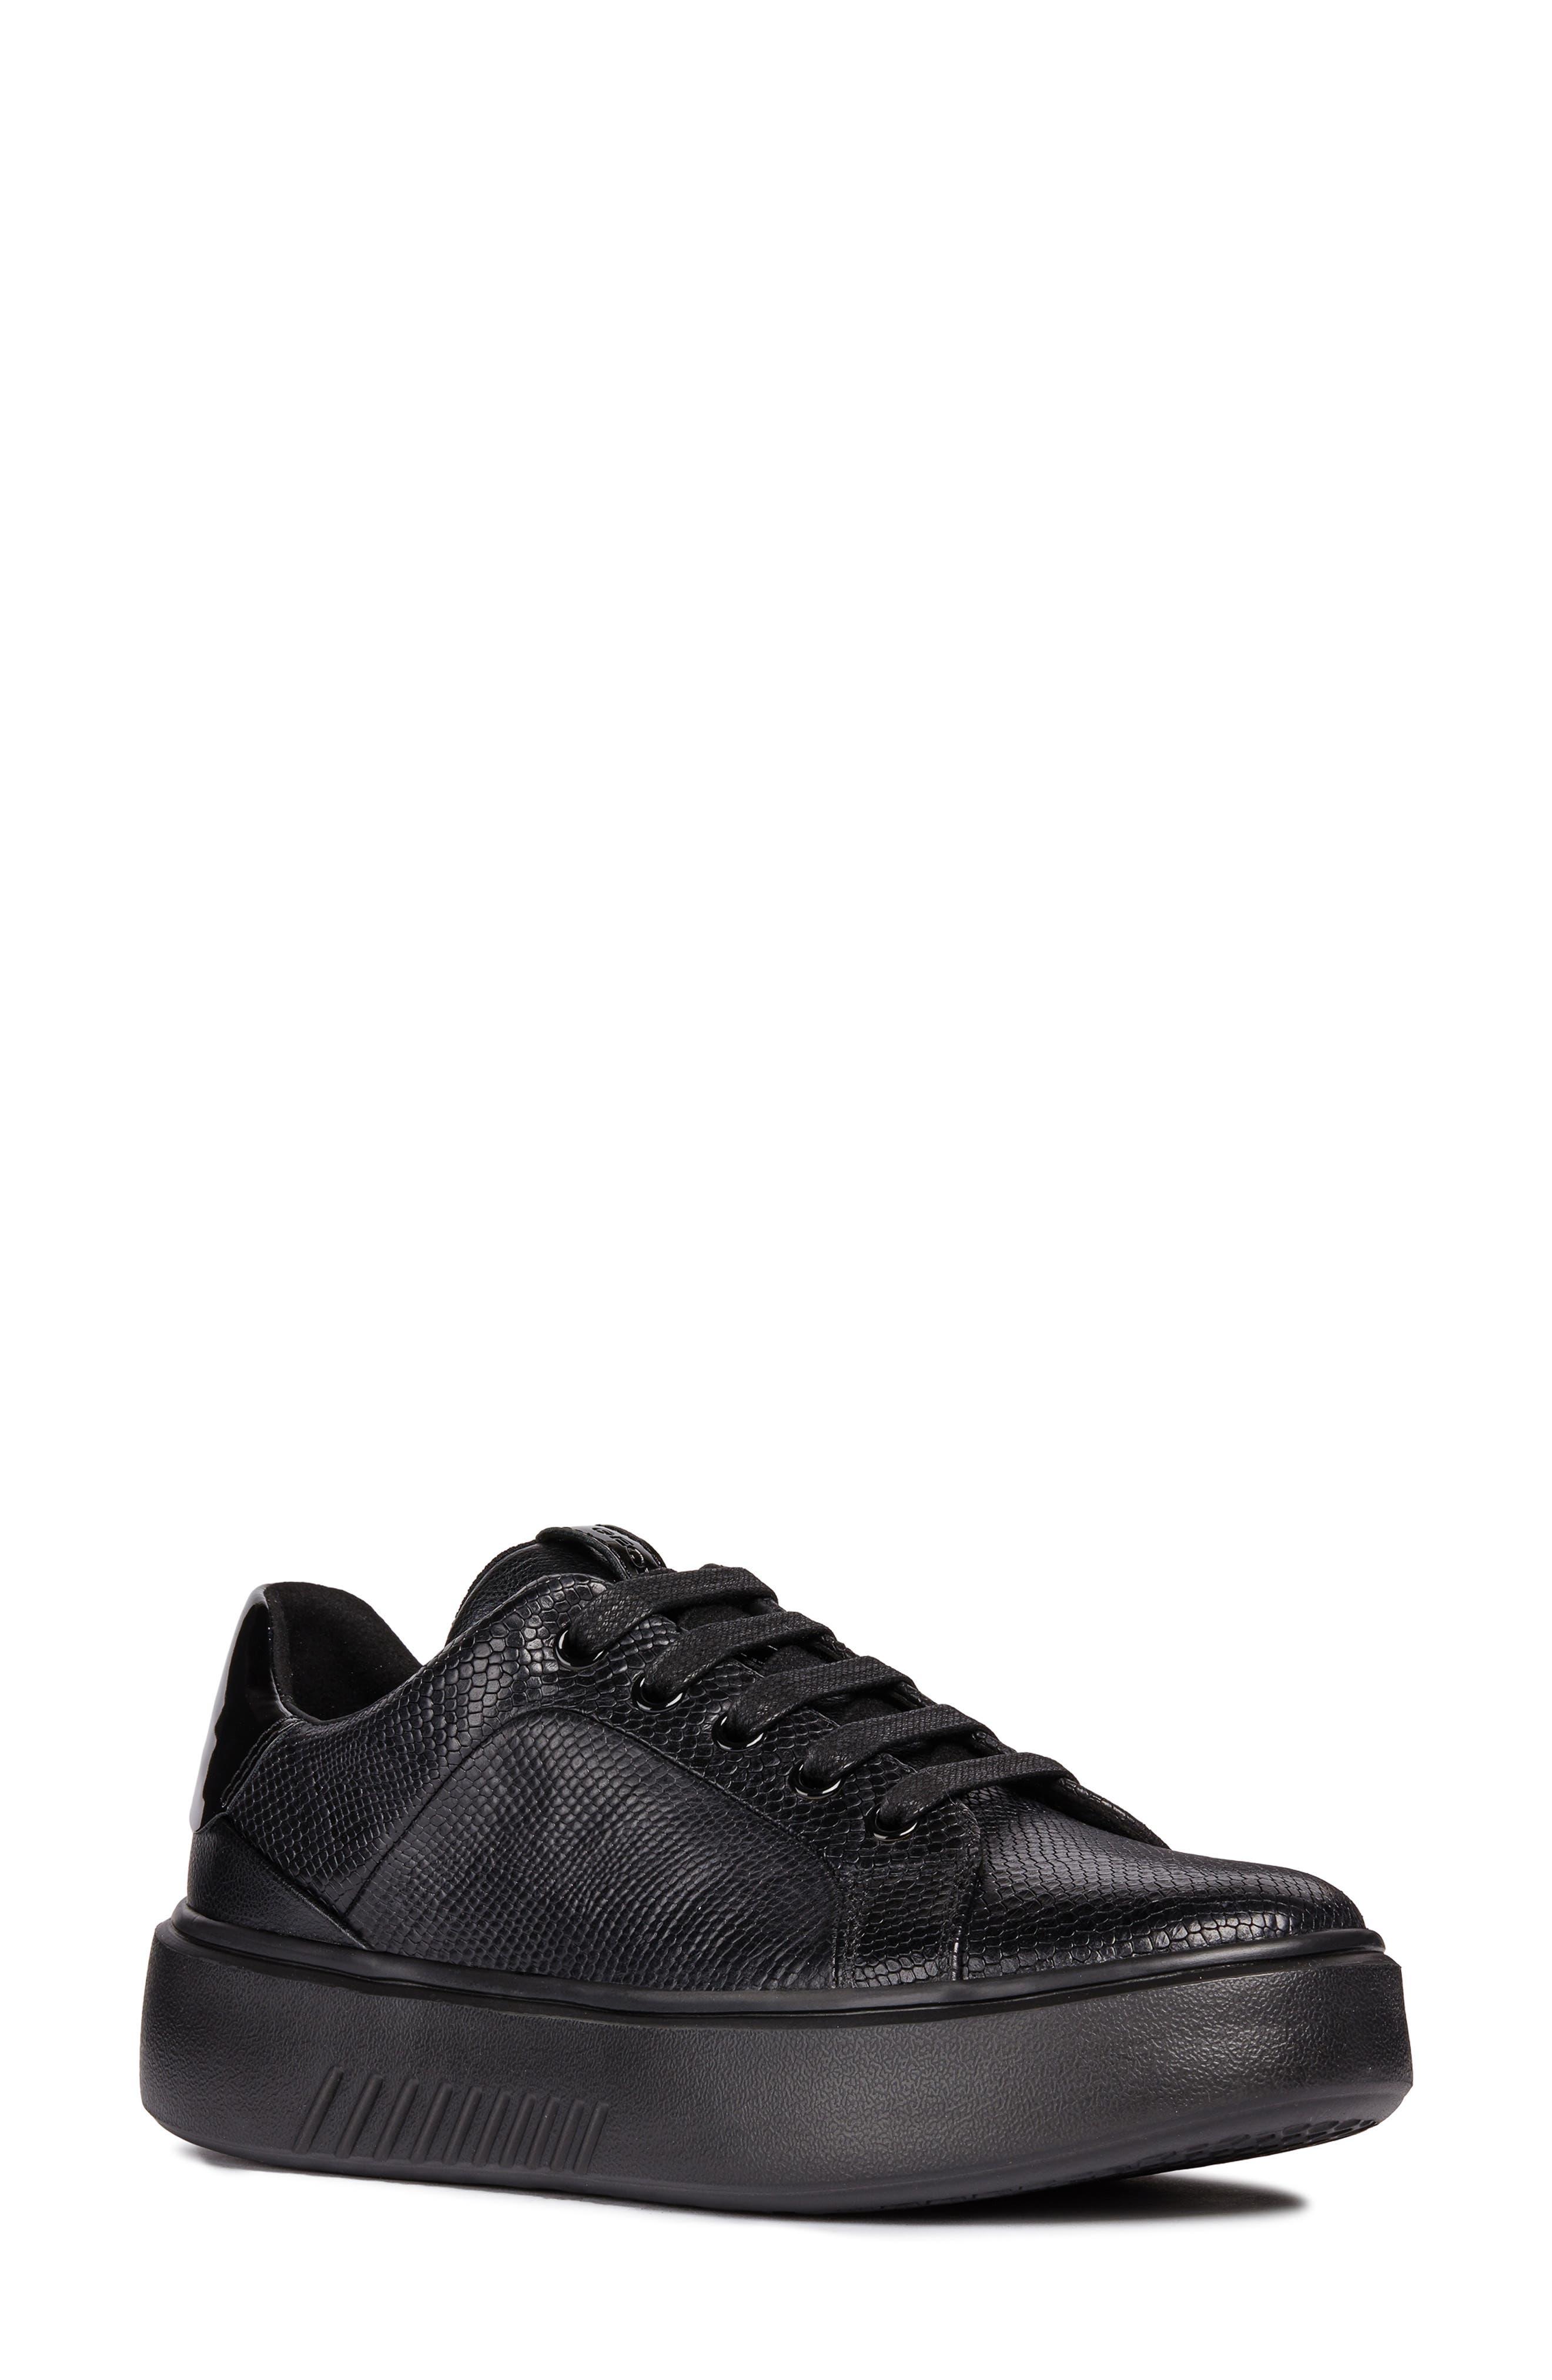 Nhenbus Sneaker,                             Main thumbnail 1, color,                             BLACK LEATHER